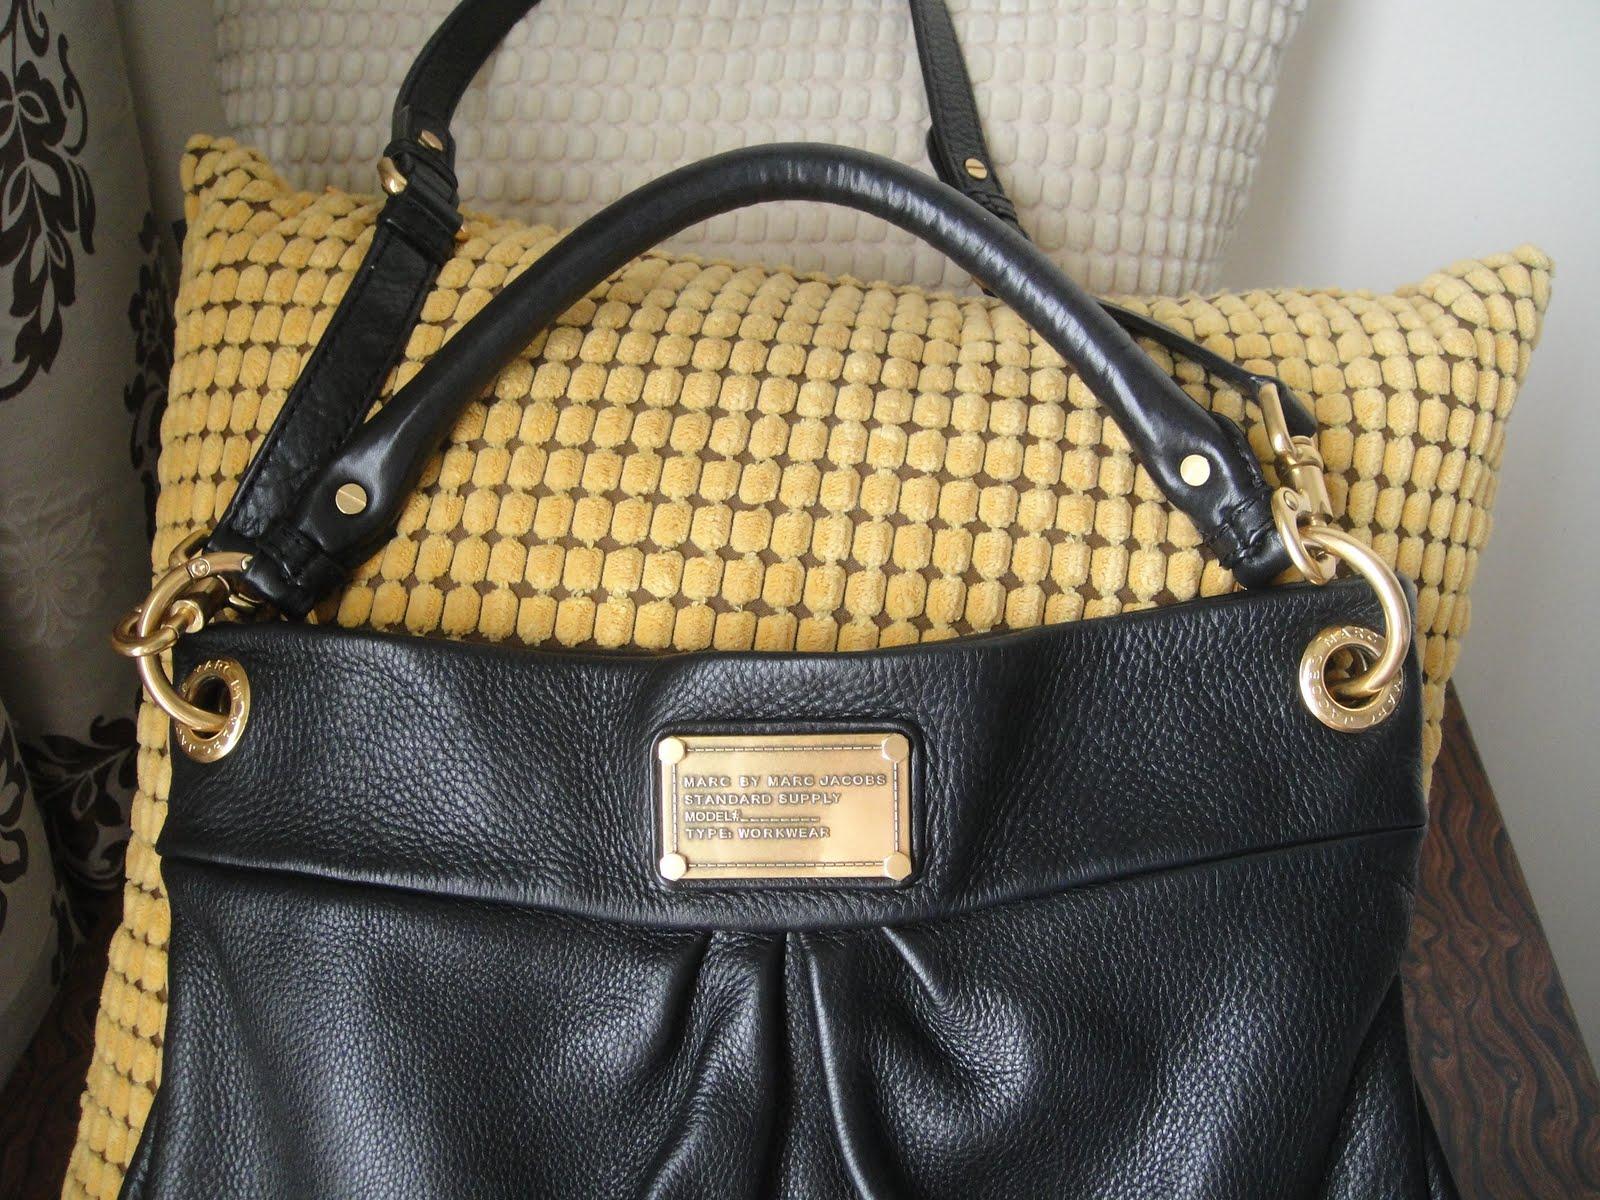 Preloved Handbags